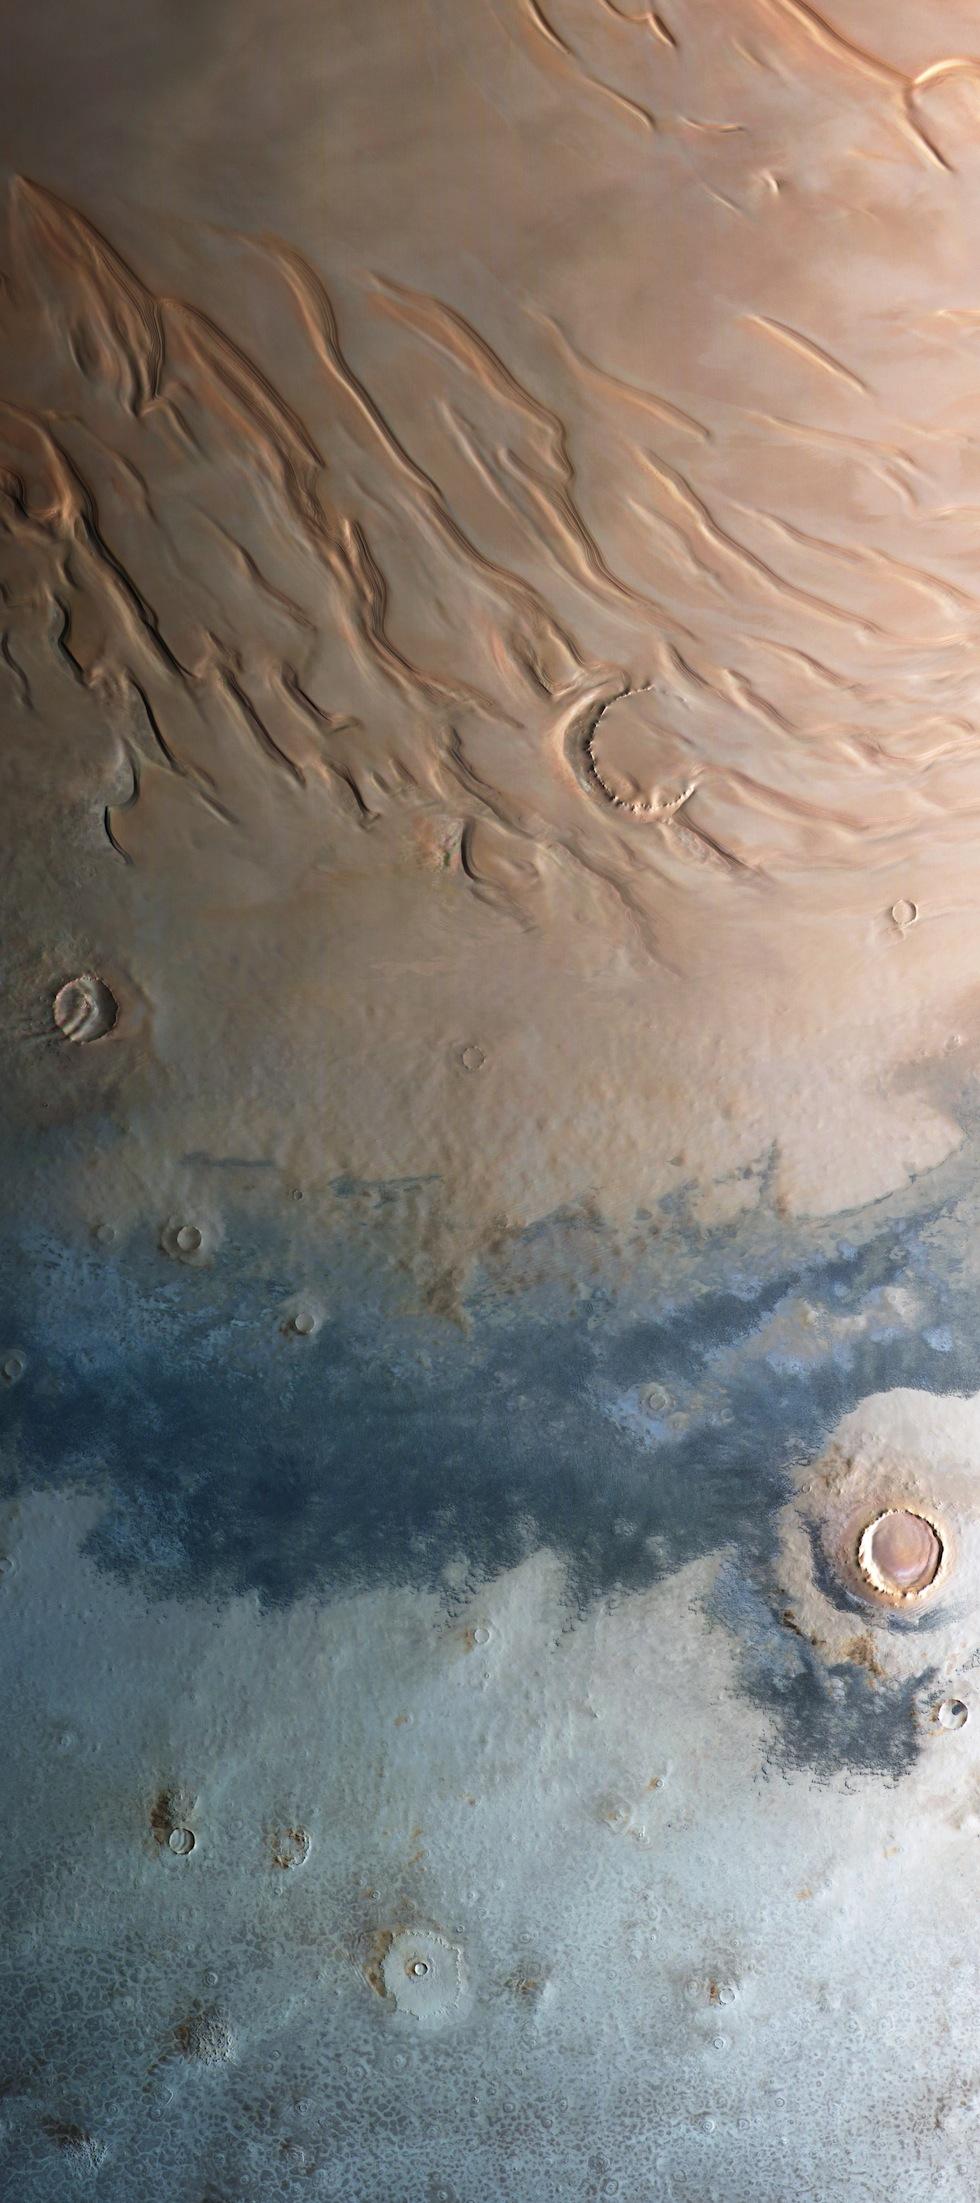 polar region of Mars